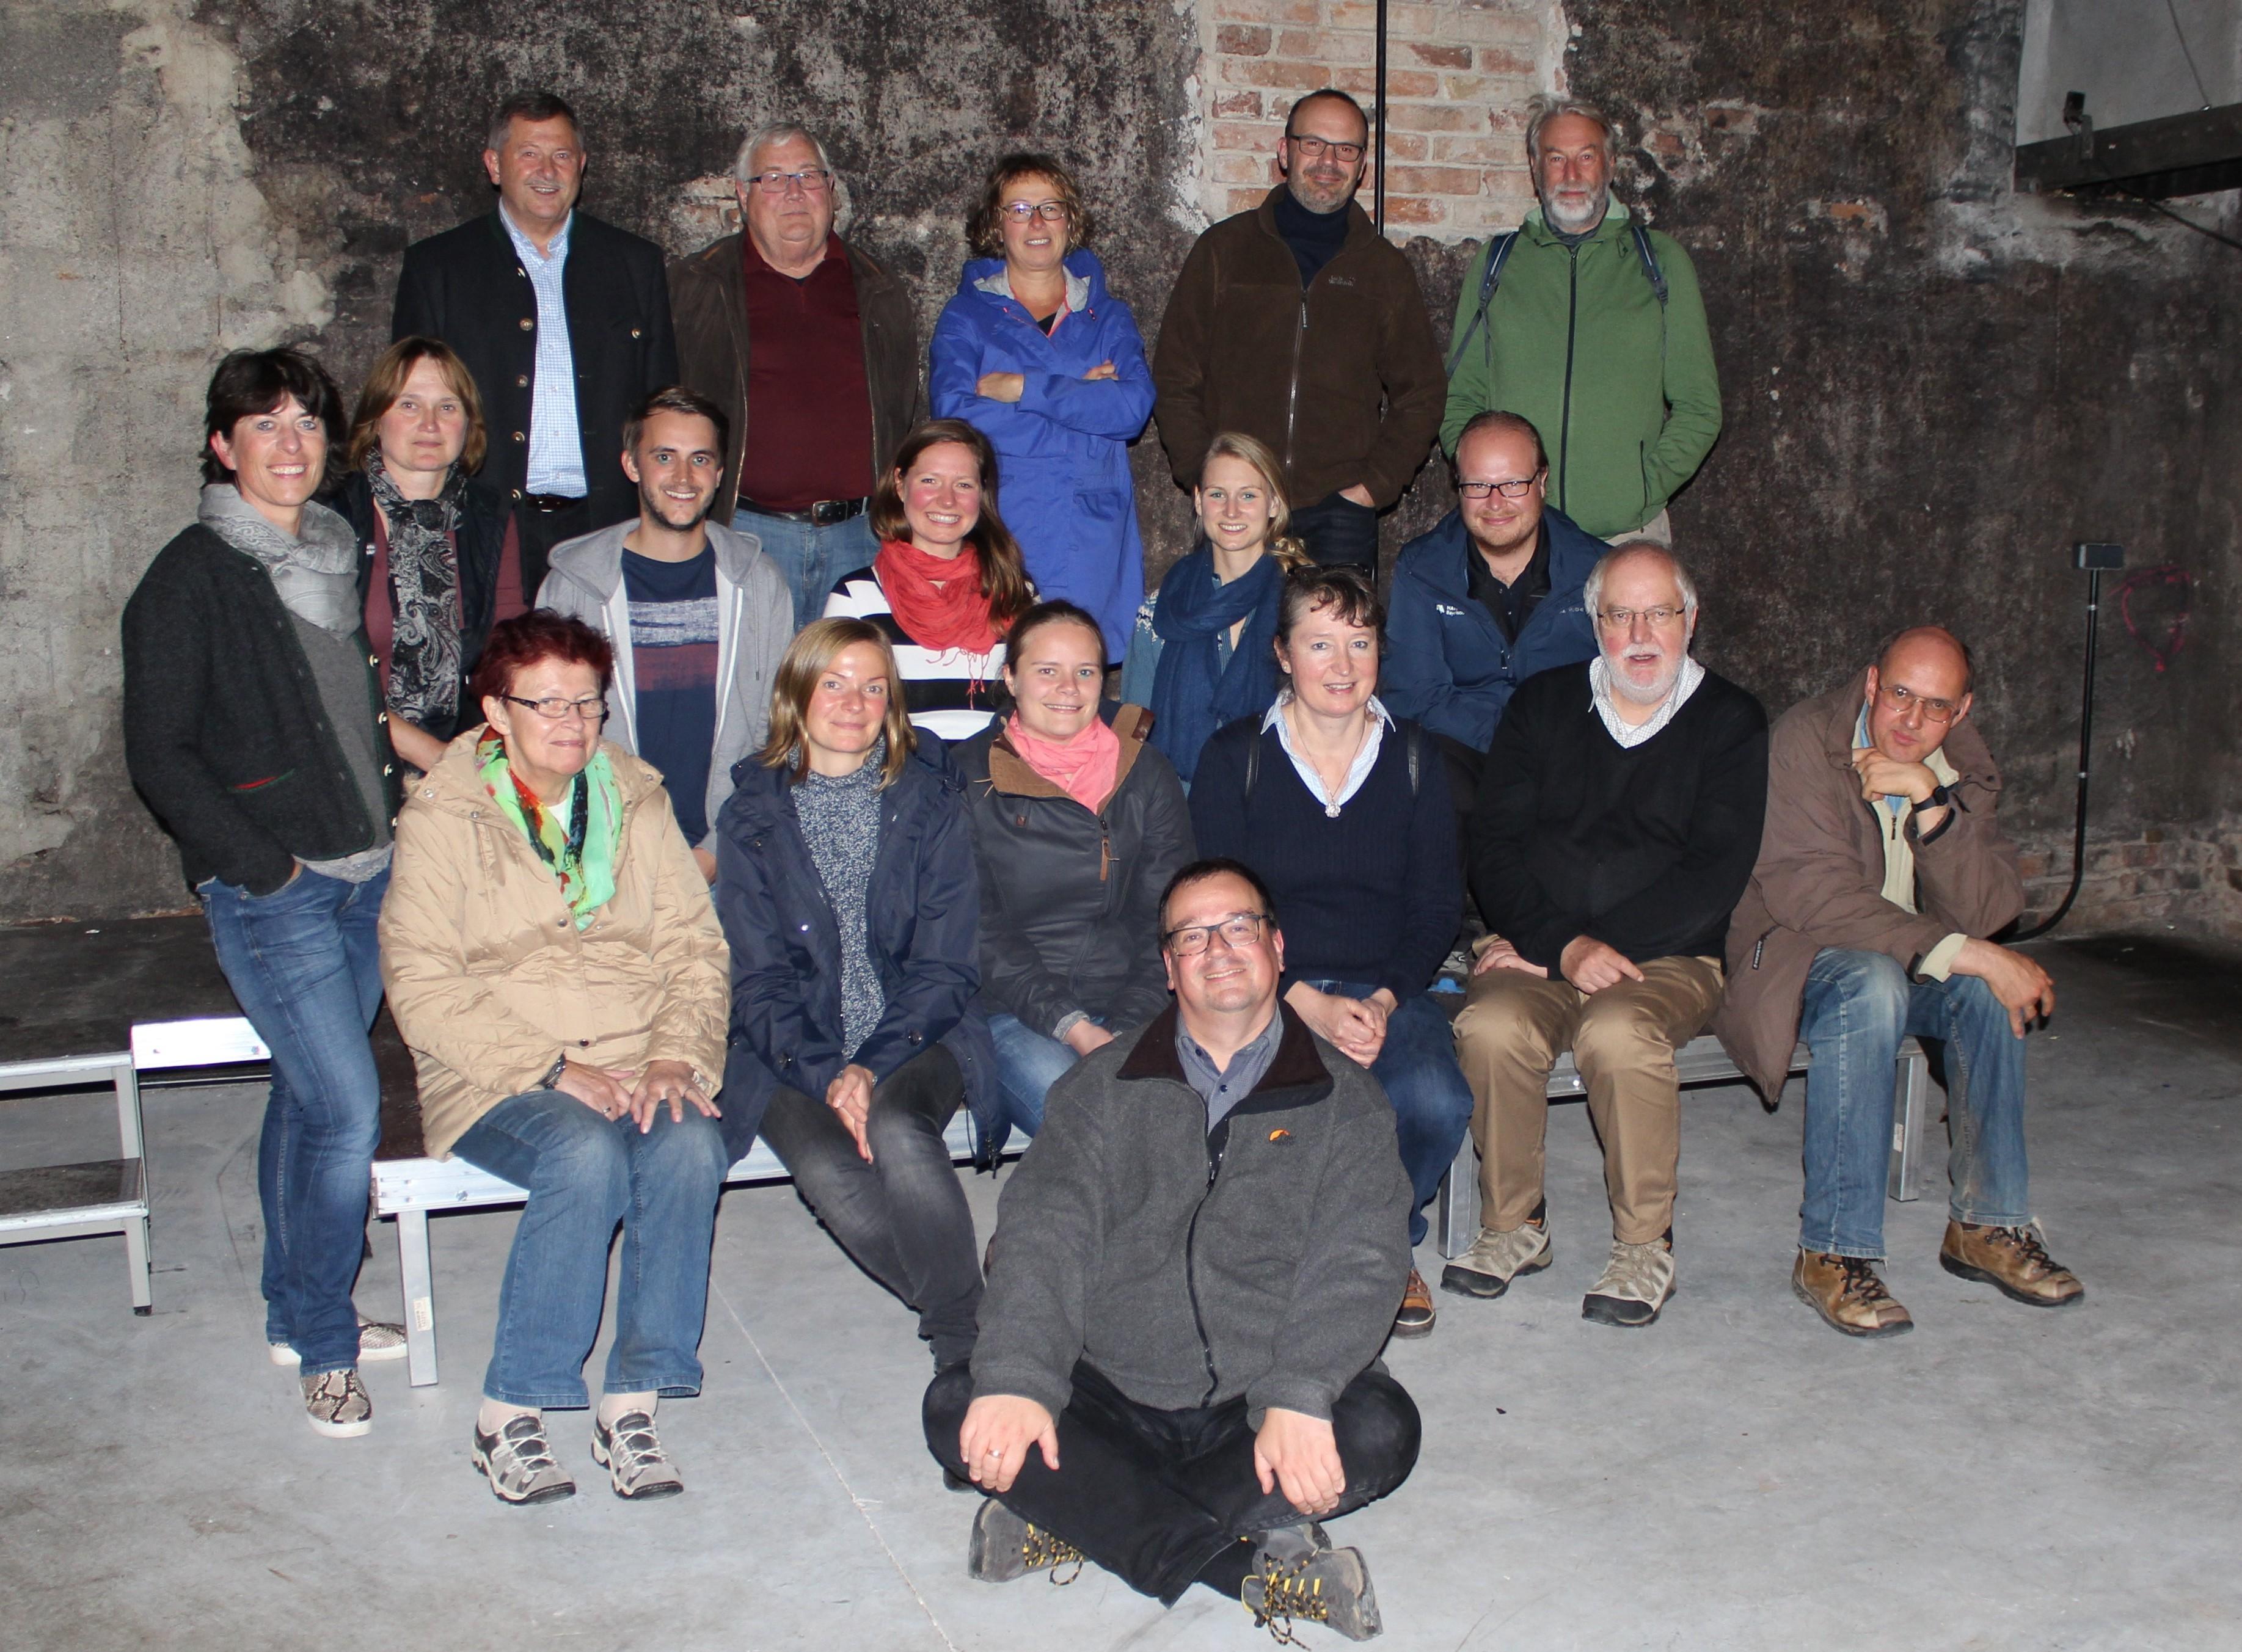 Nach einer Führung durch die Zwieseler Dampfbierbrauerei stellte sich die Expertengruppe zum gemeinsamen Erinnerungsfoto auf (Foto: Nationalpark Bayerischer Wald)